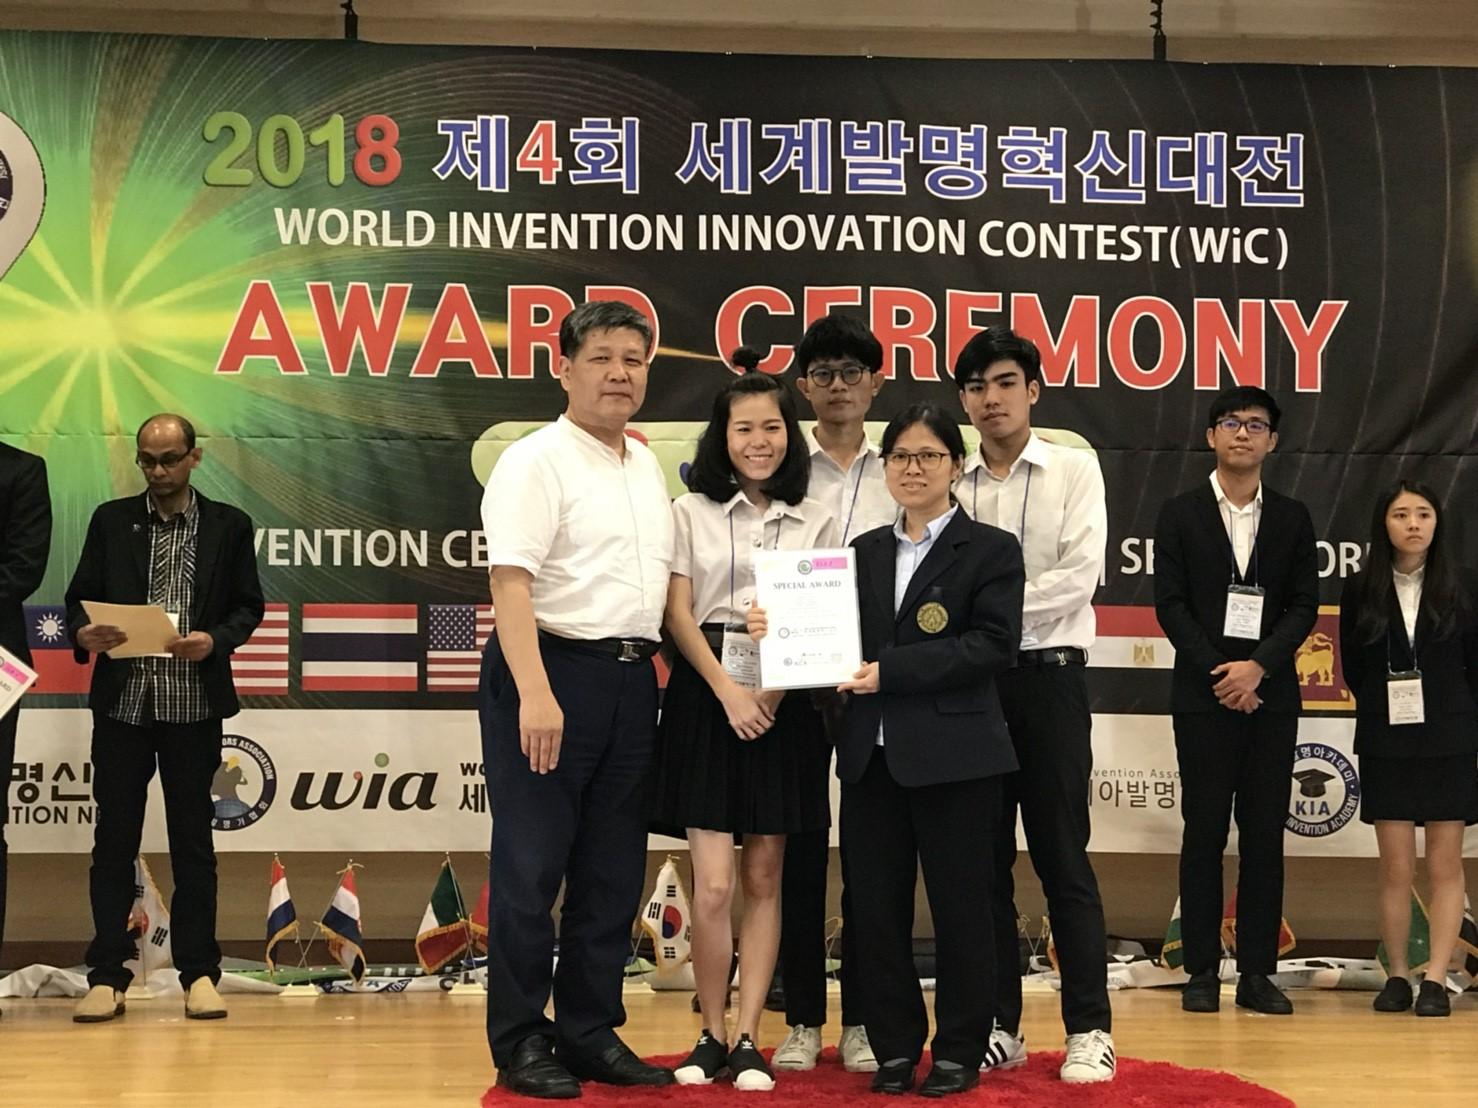 ทีมอาจารย์ และนักศึกษา มจธ. ผลงานนวัตกรรม NViro Filter รับรางวัล WiC 2018